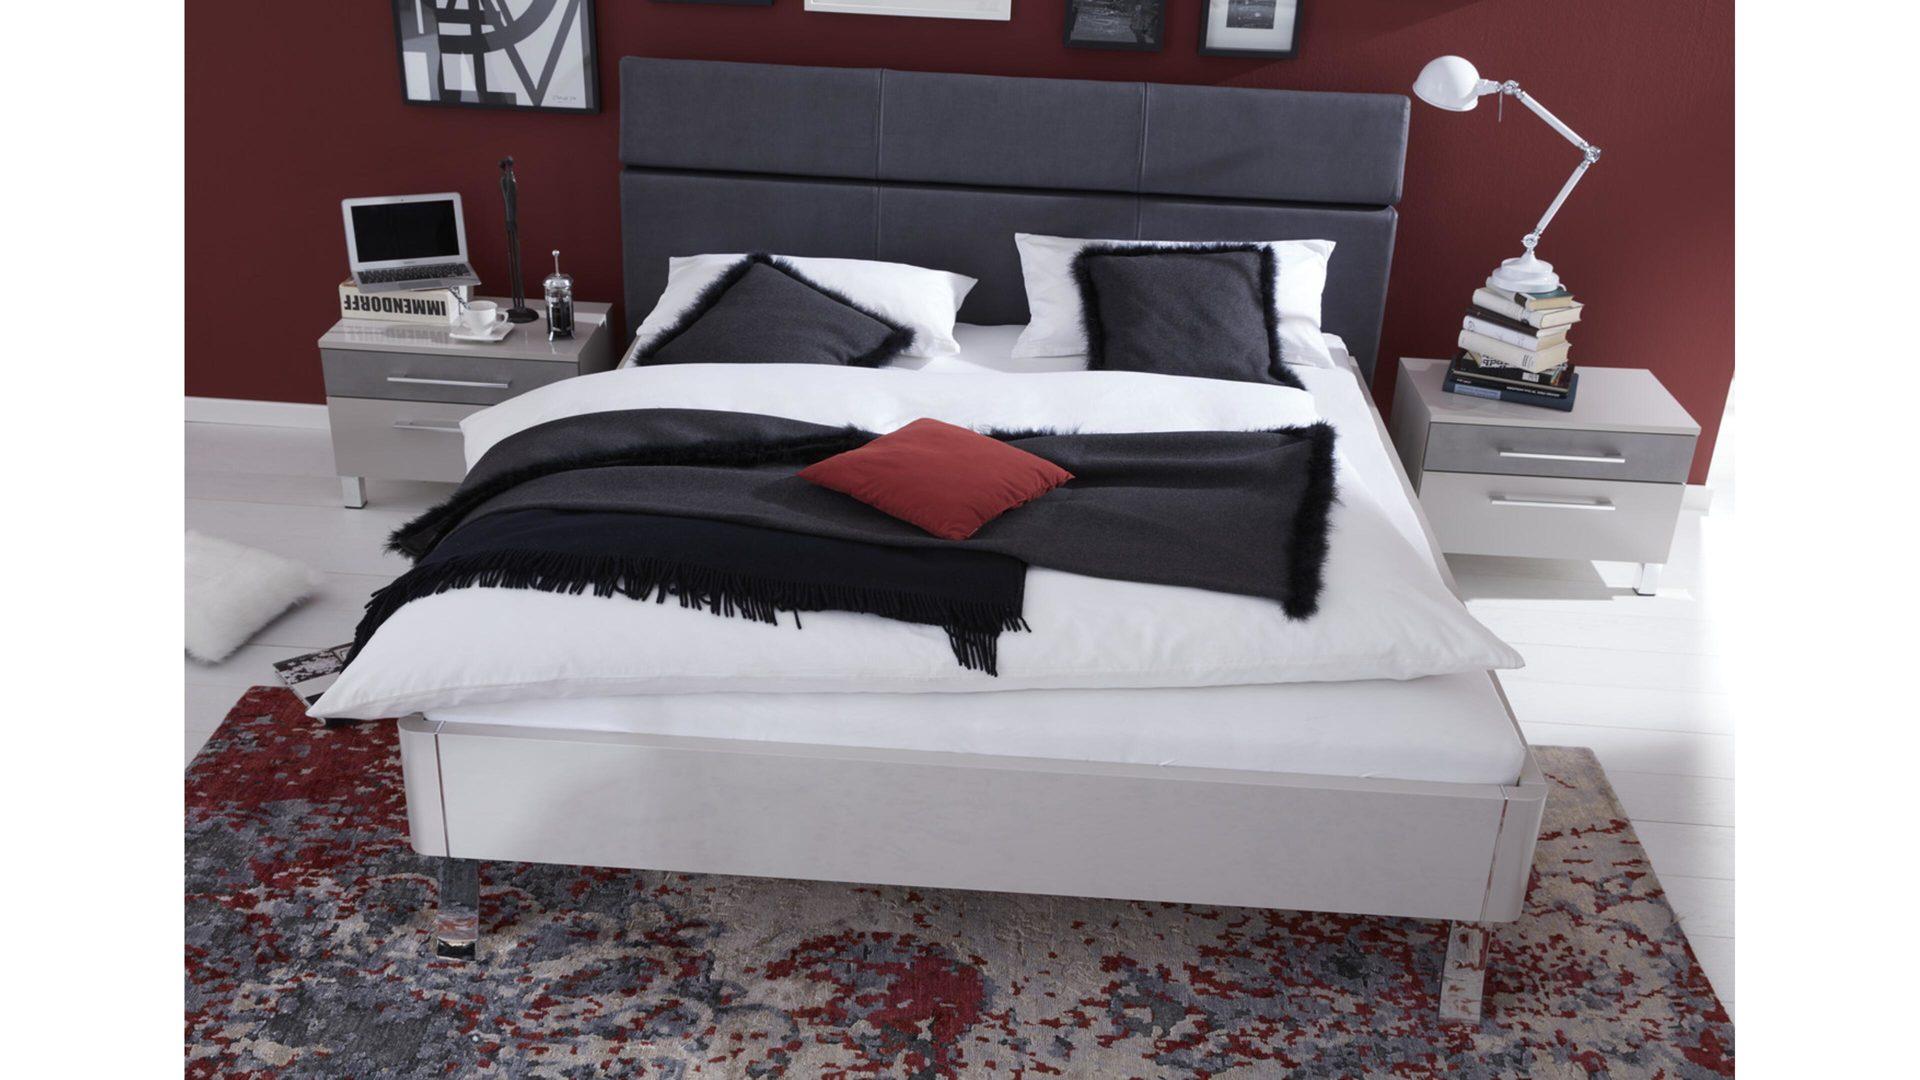 Interliving Schlafzimmer Serie 1003 – Bettgestell, kristallgraue ...